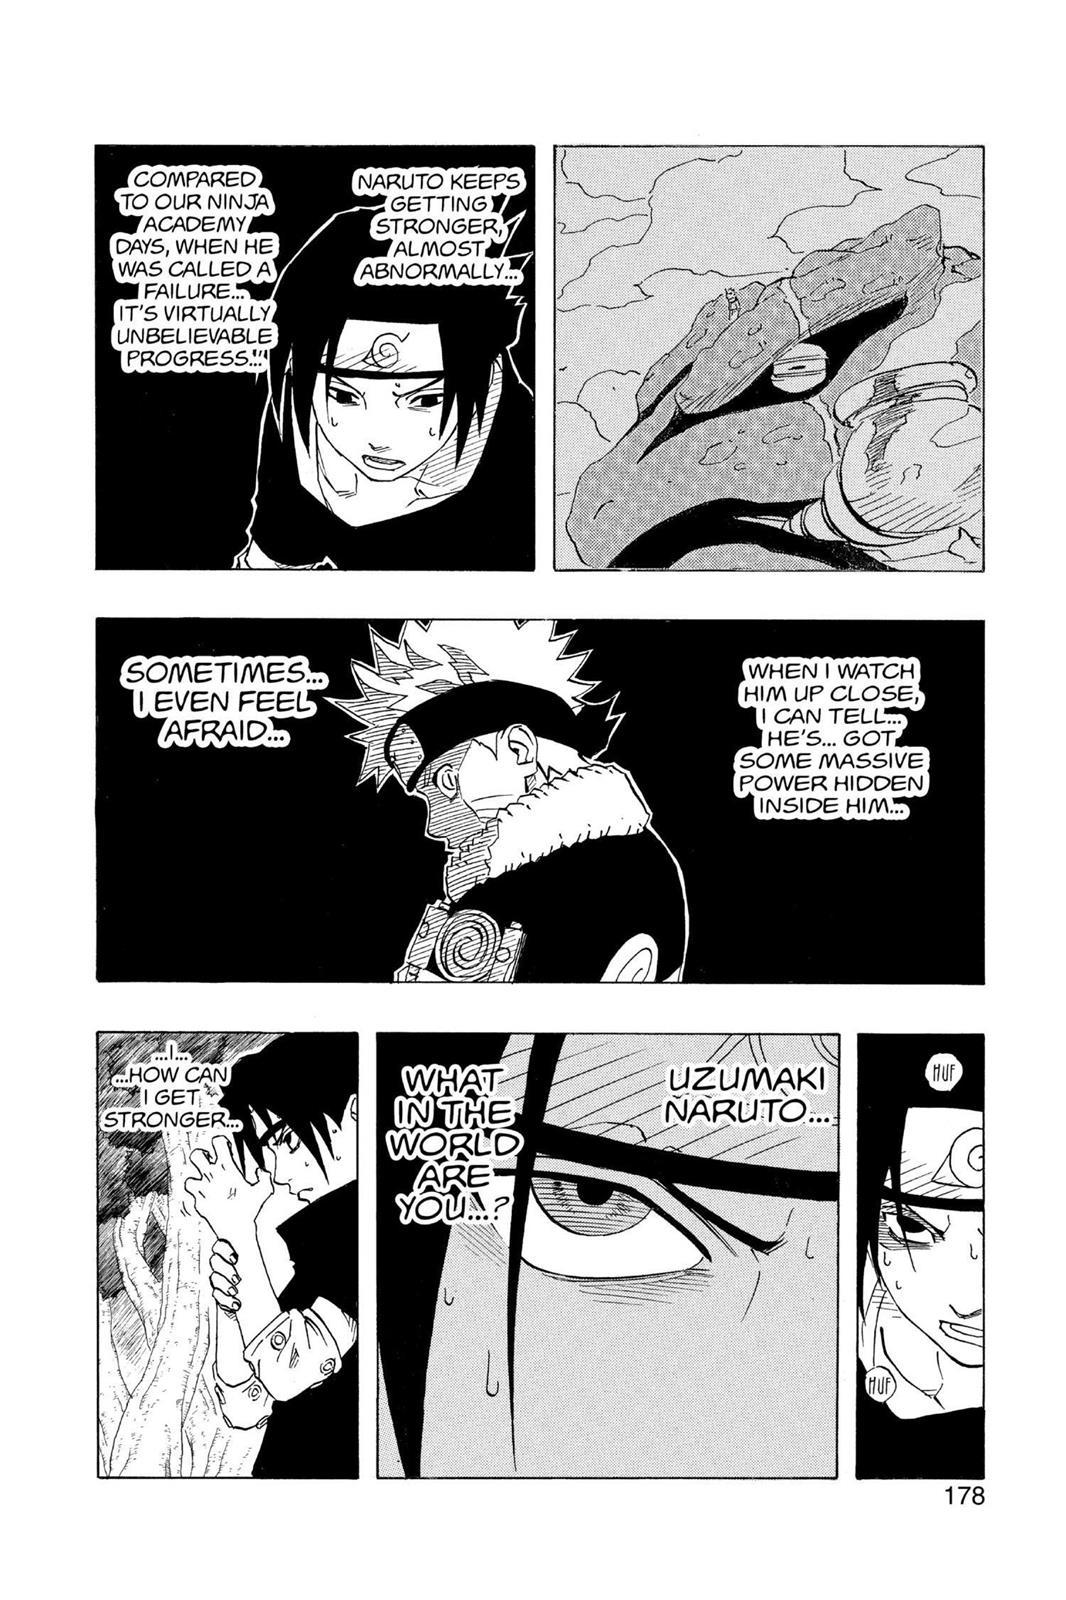 Jiraiya fazer frente a Itachi + Kisame não faz sentido para você? - Página 2 0144-008